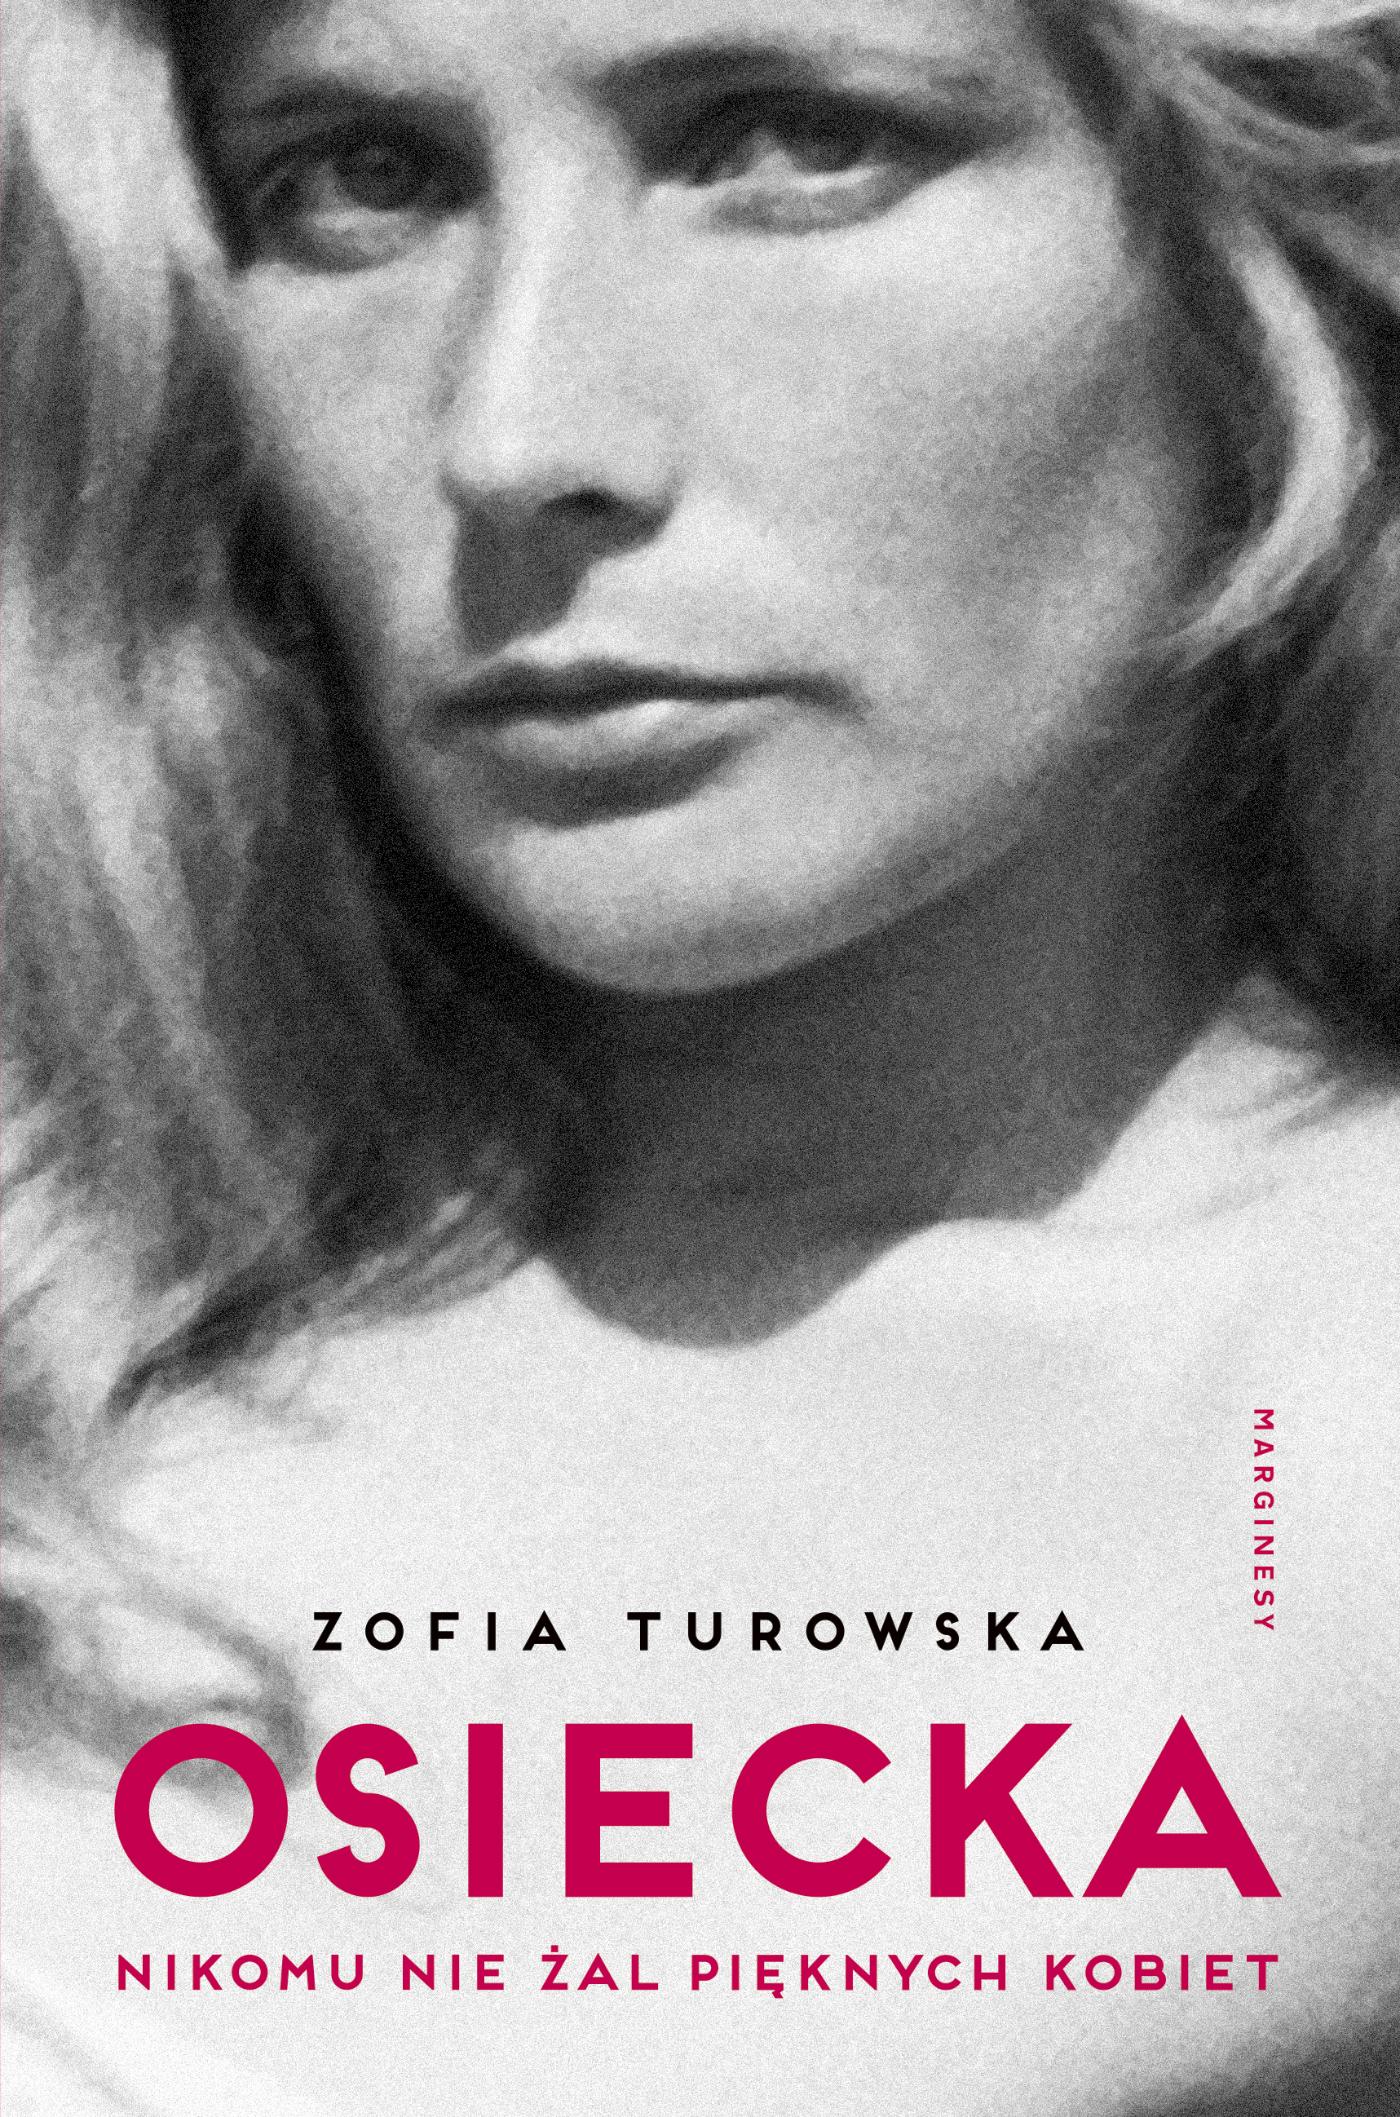 """SZPIEG W KSIĘGARNI: """"Osiecka. Nikomu nie żal pięknych kobiet"""" Zofia Turowska - recenzja"""